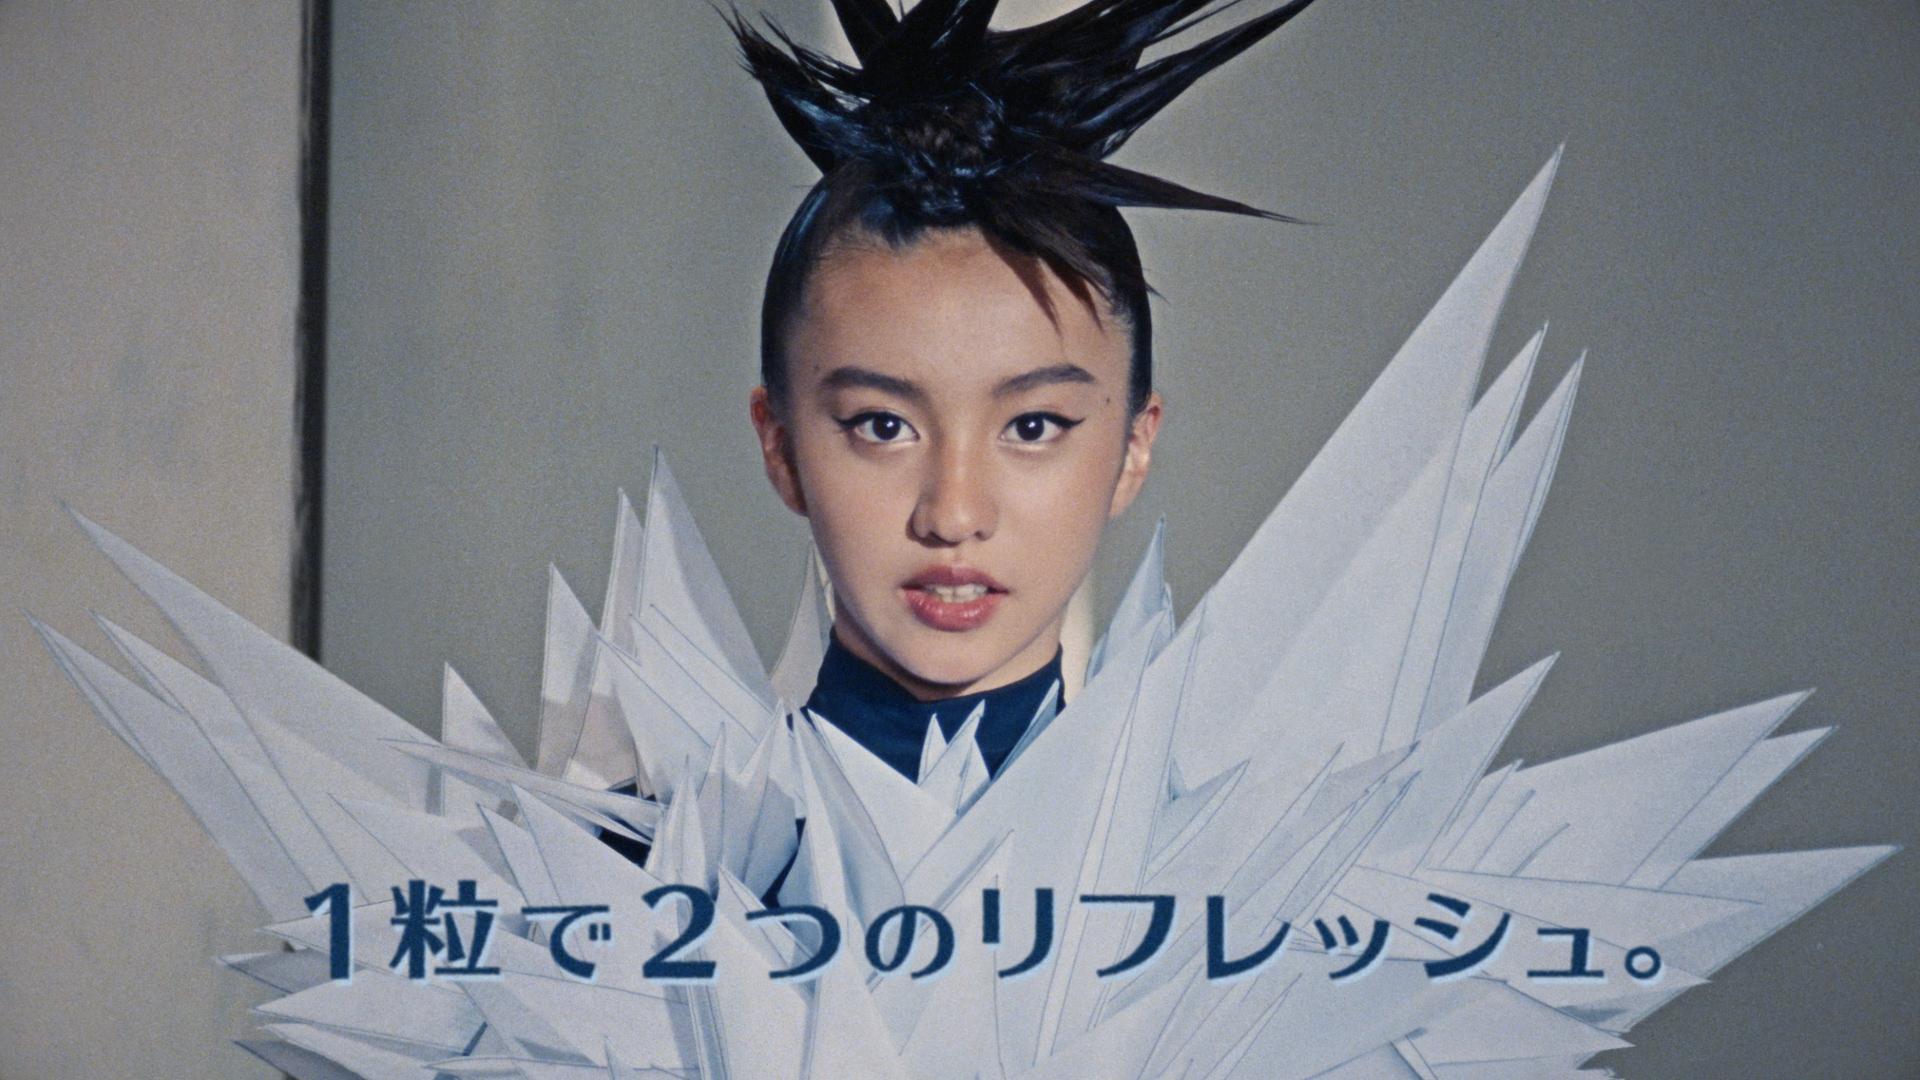 Kōki,UHA味覚糖 新TV-CM e-maのど飴「2人のKōki,」篇